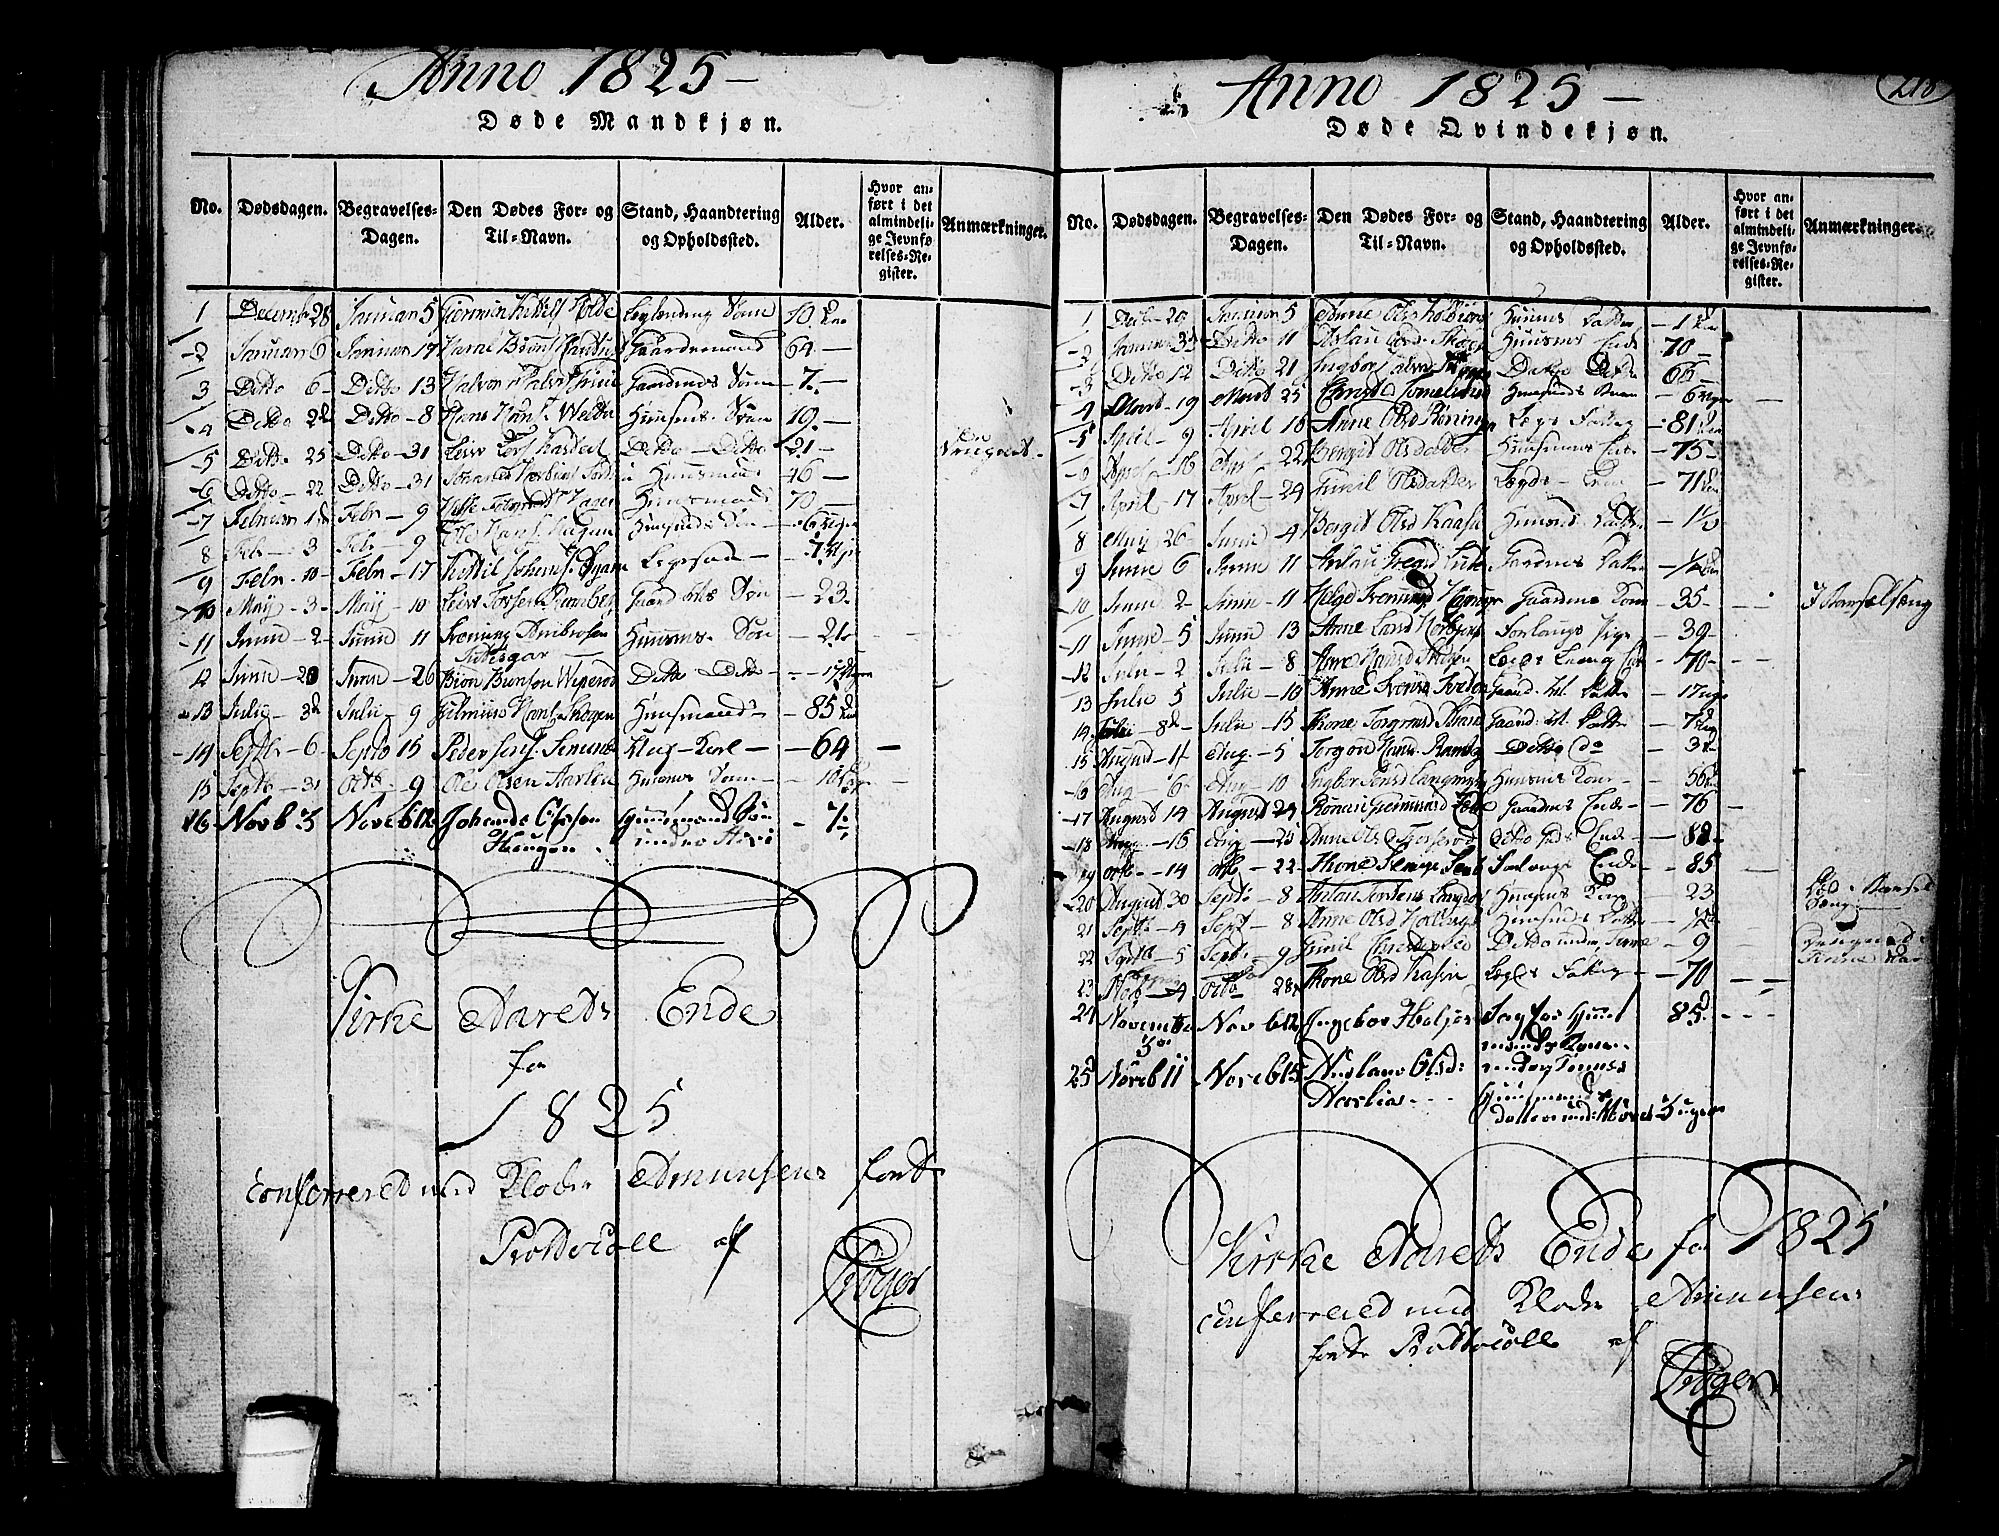 SAKO, Heddal kirkebøker, F/Fa/L0005: Ministerialbok nr. I 5, 1814-1837, s. 217-218